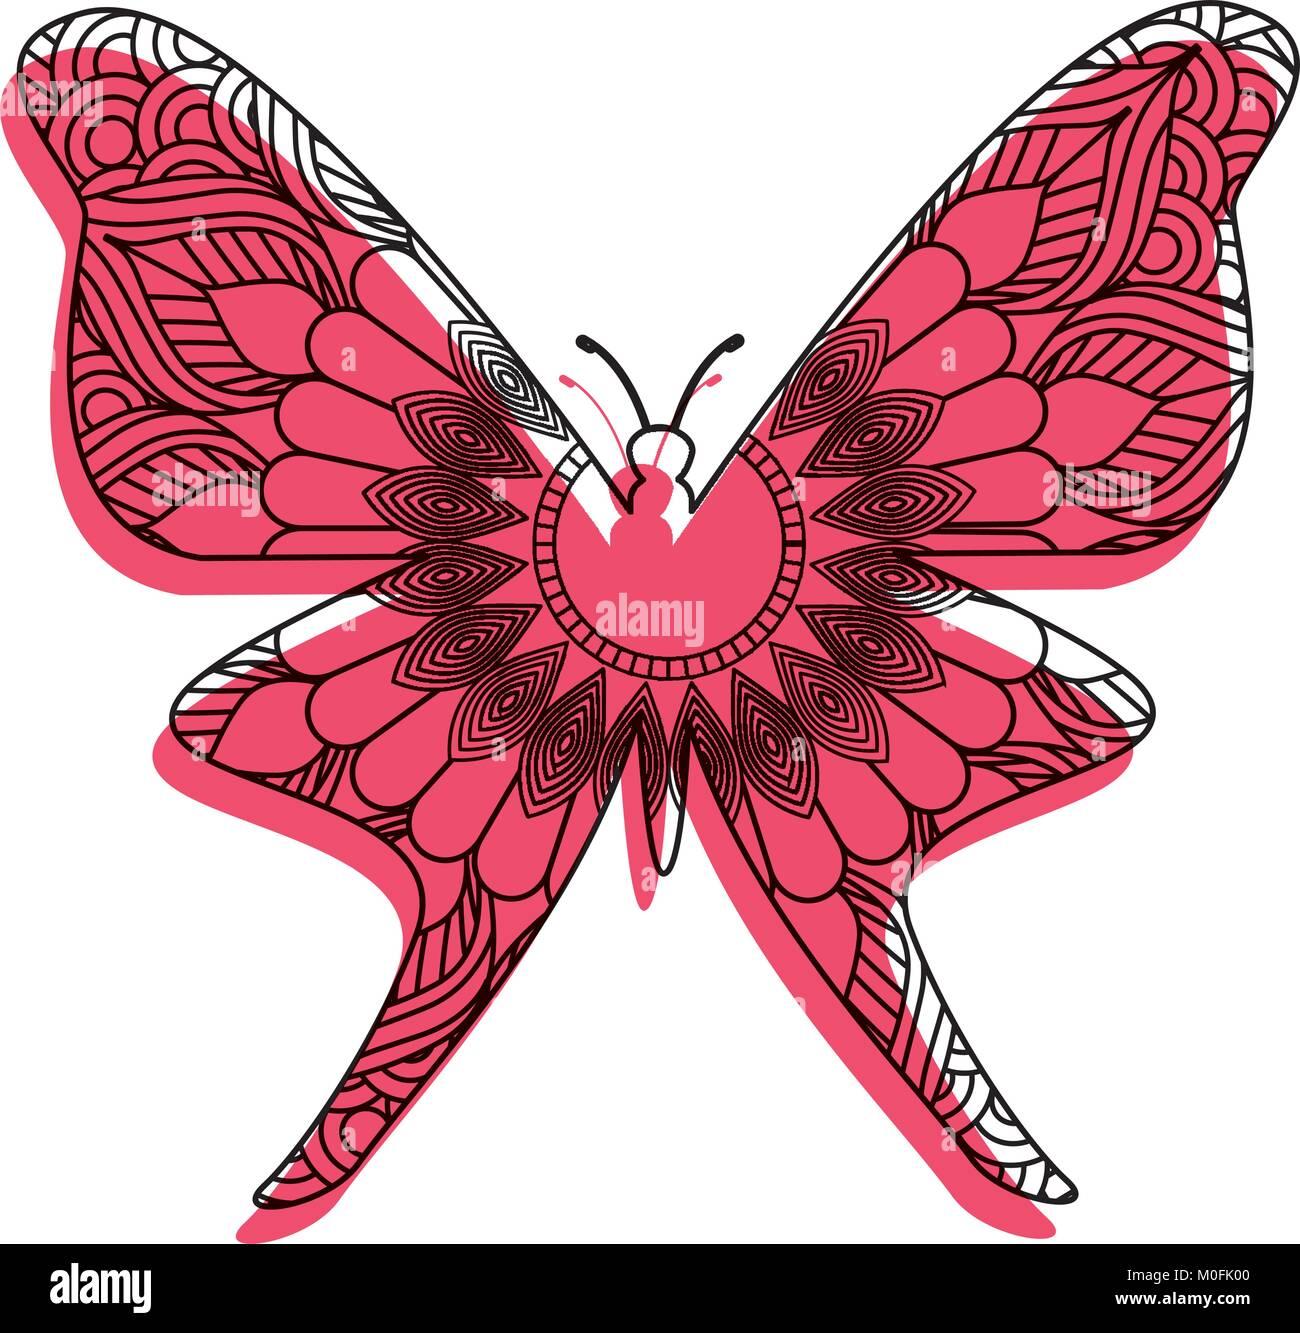 Ziemlich Erweiterte Malvorlagen Schmetterling Bilder ...